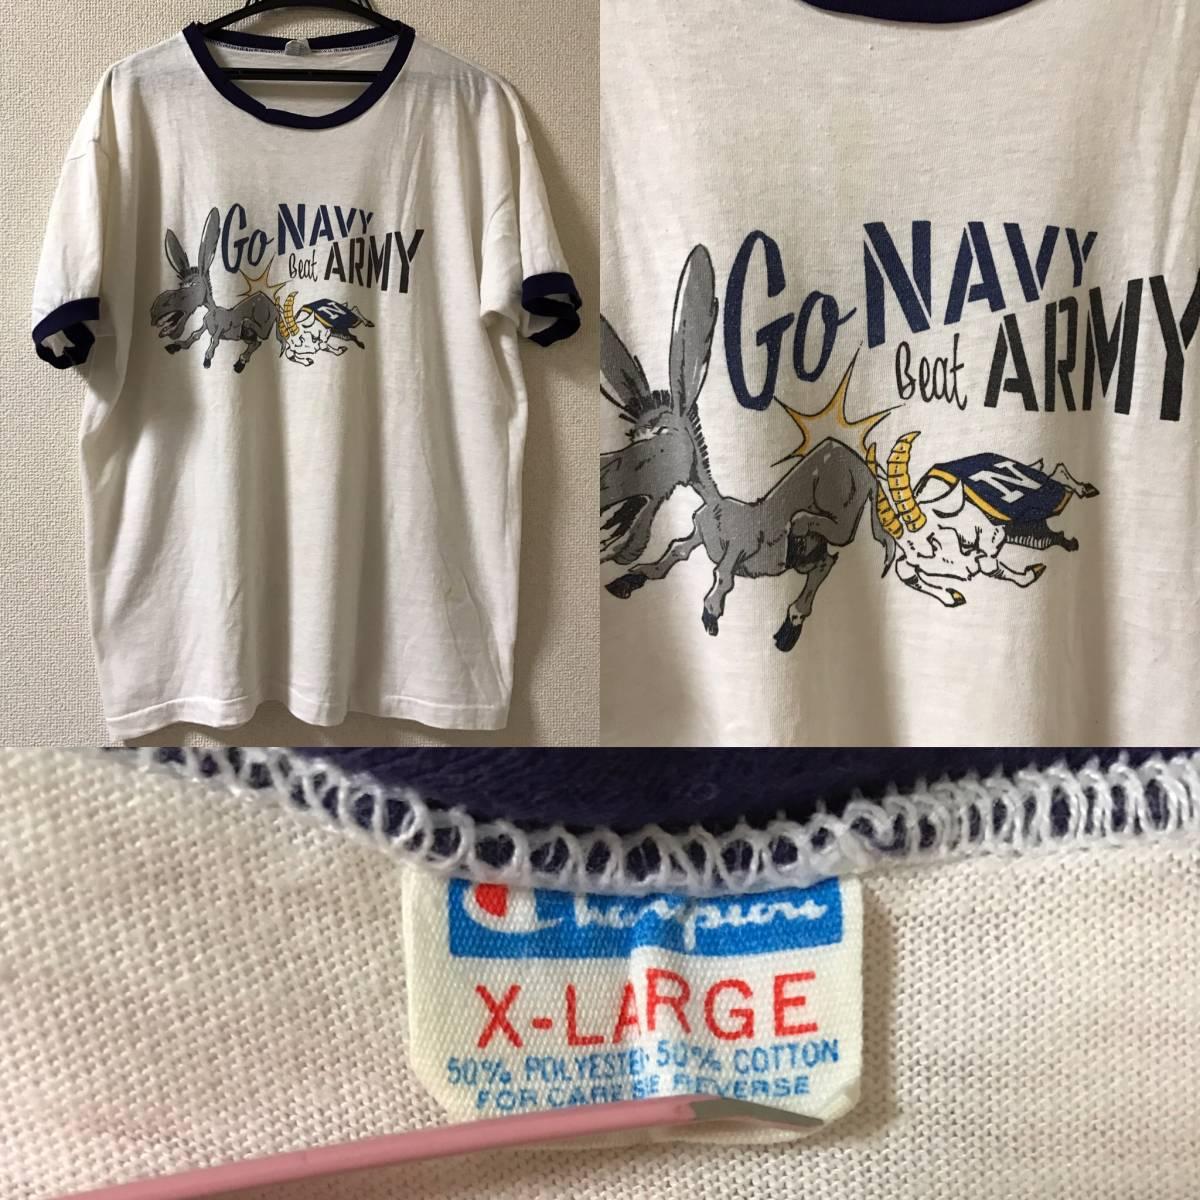 champion ビンテージ 染み込み チャンピオン バータグ トリコタグ リバース army navy usmc air force 米軍 ミリタリー Tシャツ 88 12